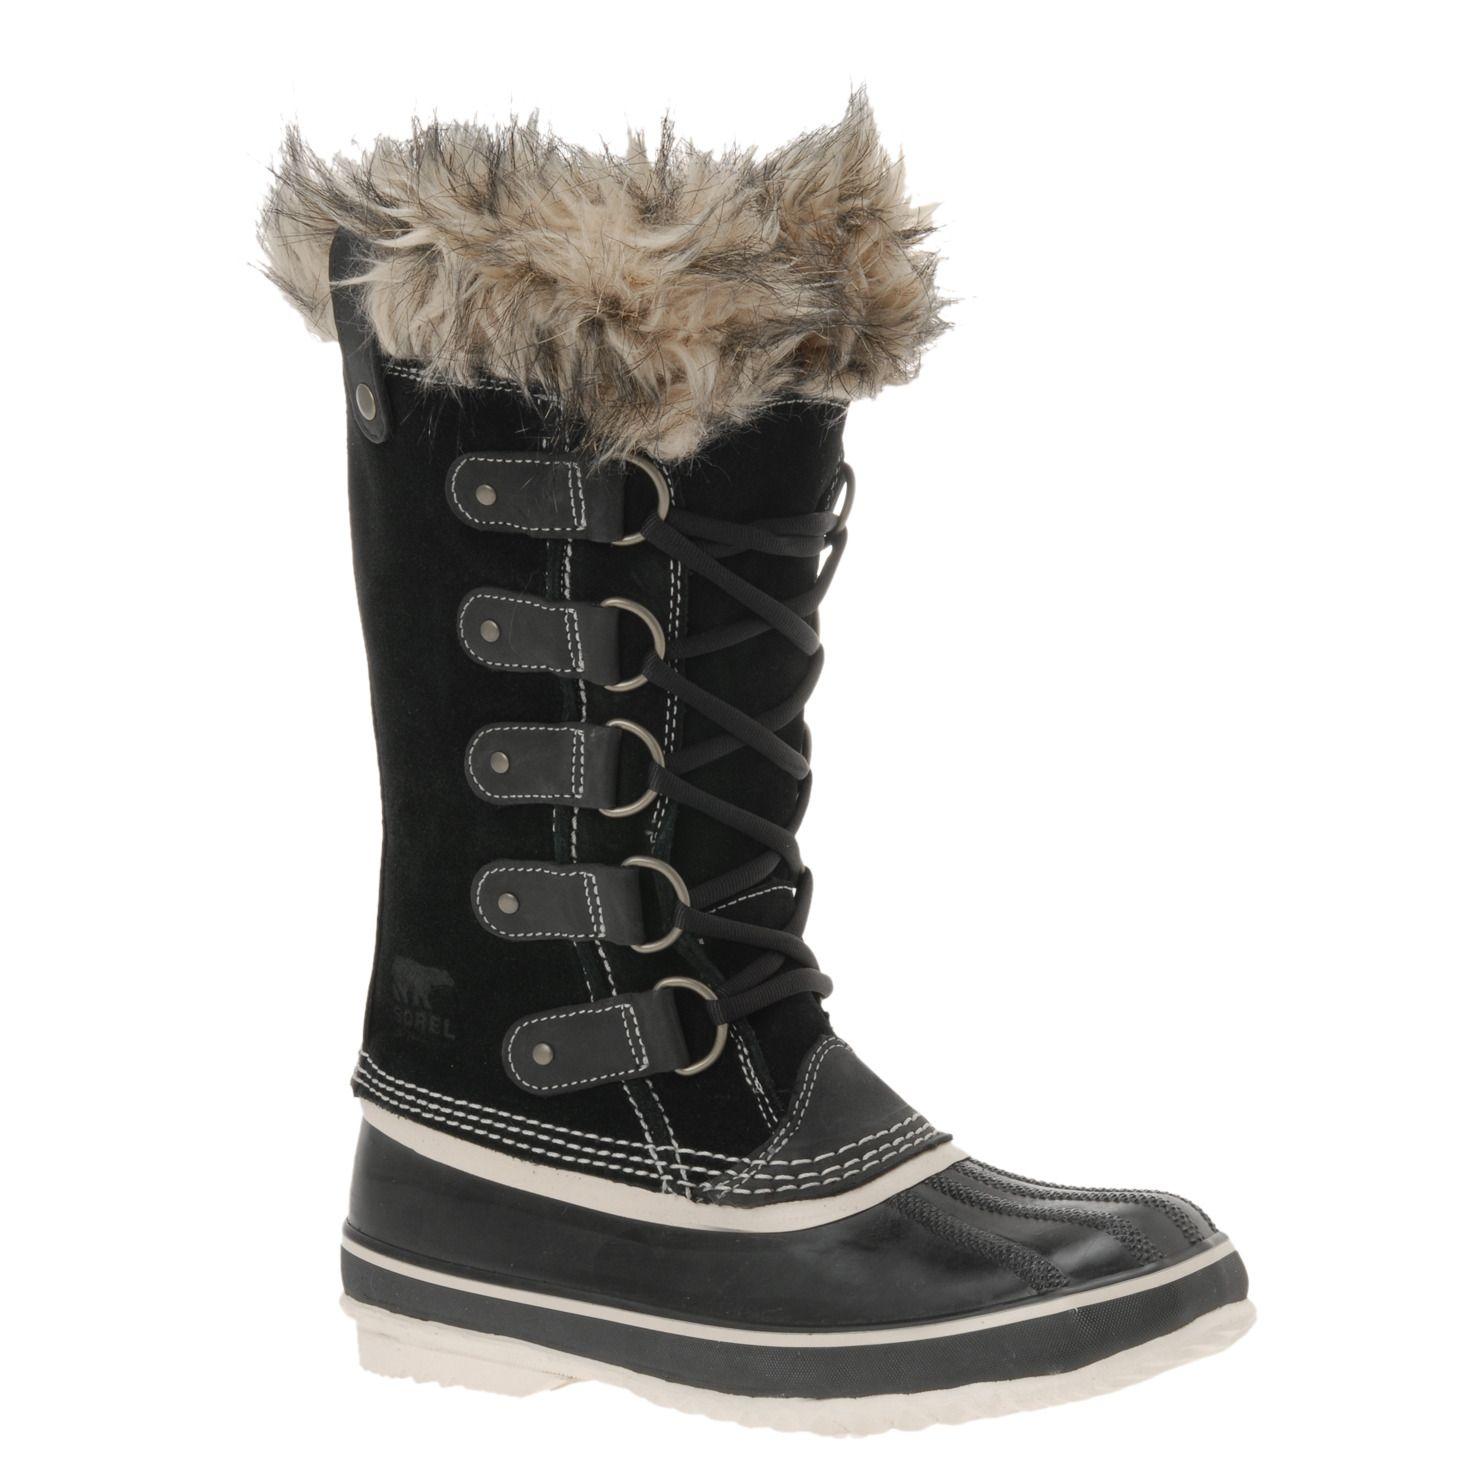 bb0c803880d1 Winter boots